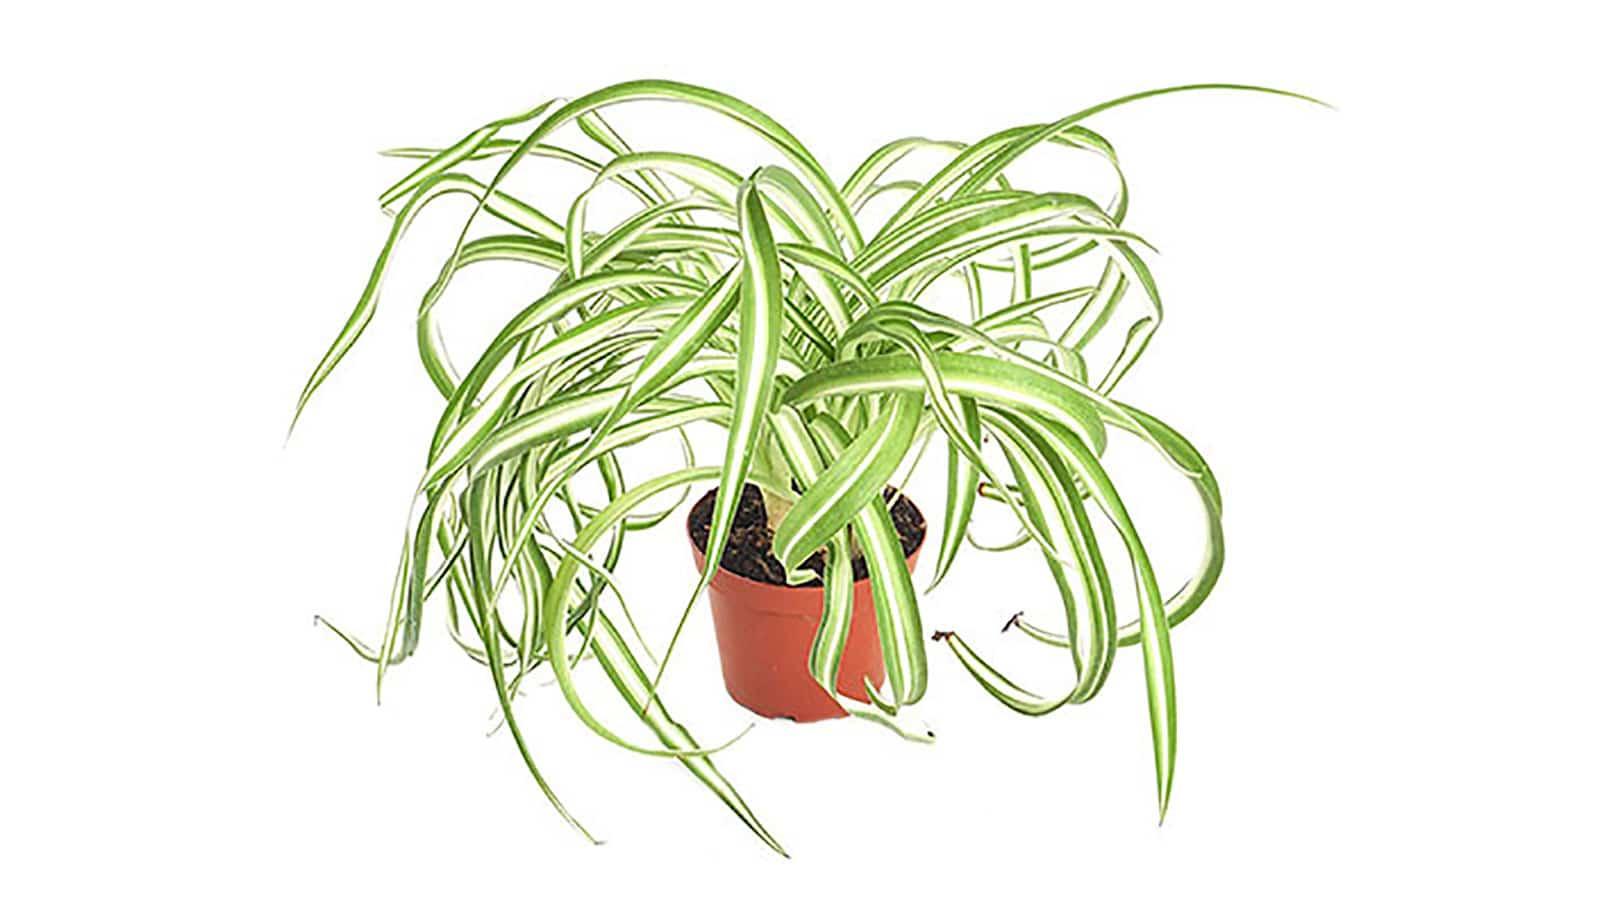 Хлорофитум (Зелена лилия) - Chlorophytum comosum. Как да пречистим въздуха у дома със стайни растения?